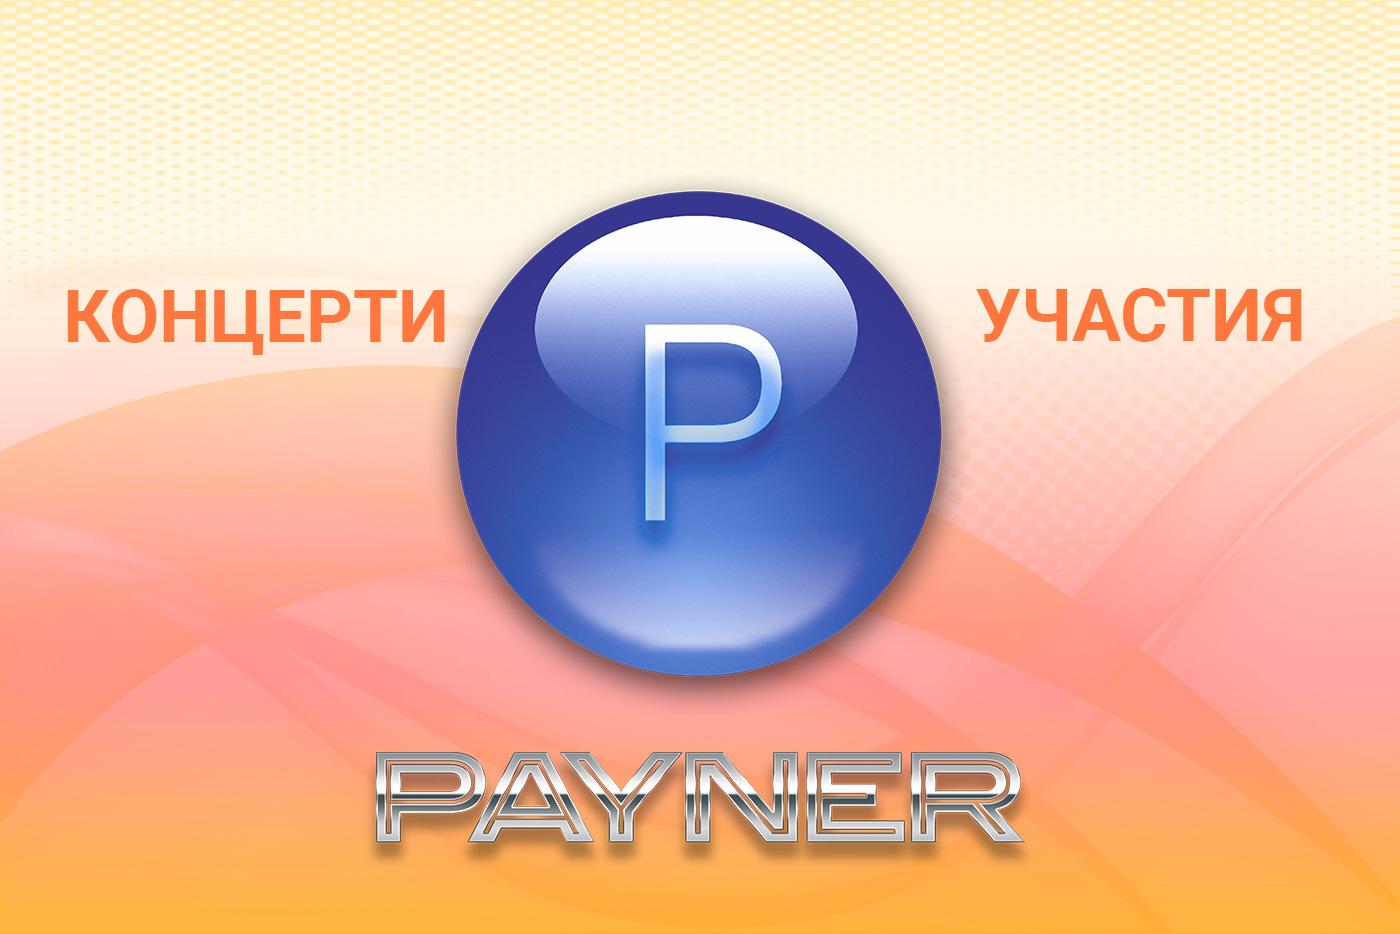 """Участия на звездите на """"Пайнер"""" на 09.08.2019"""